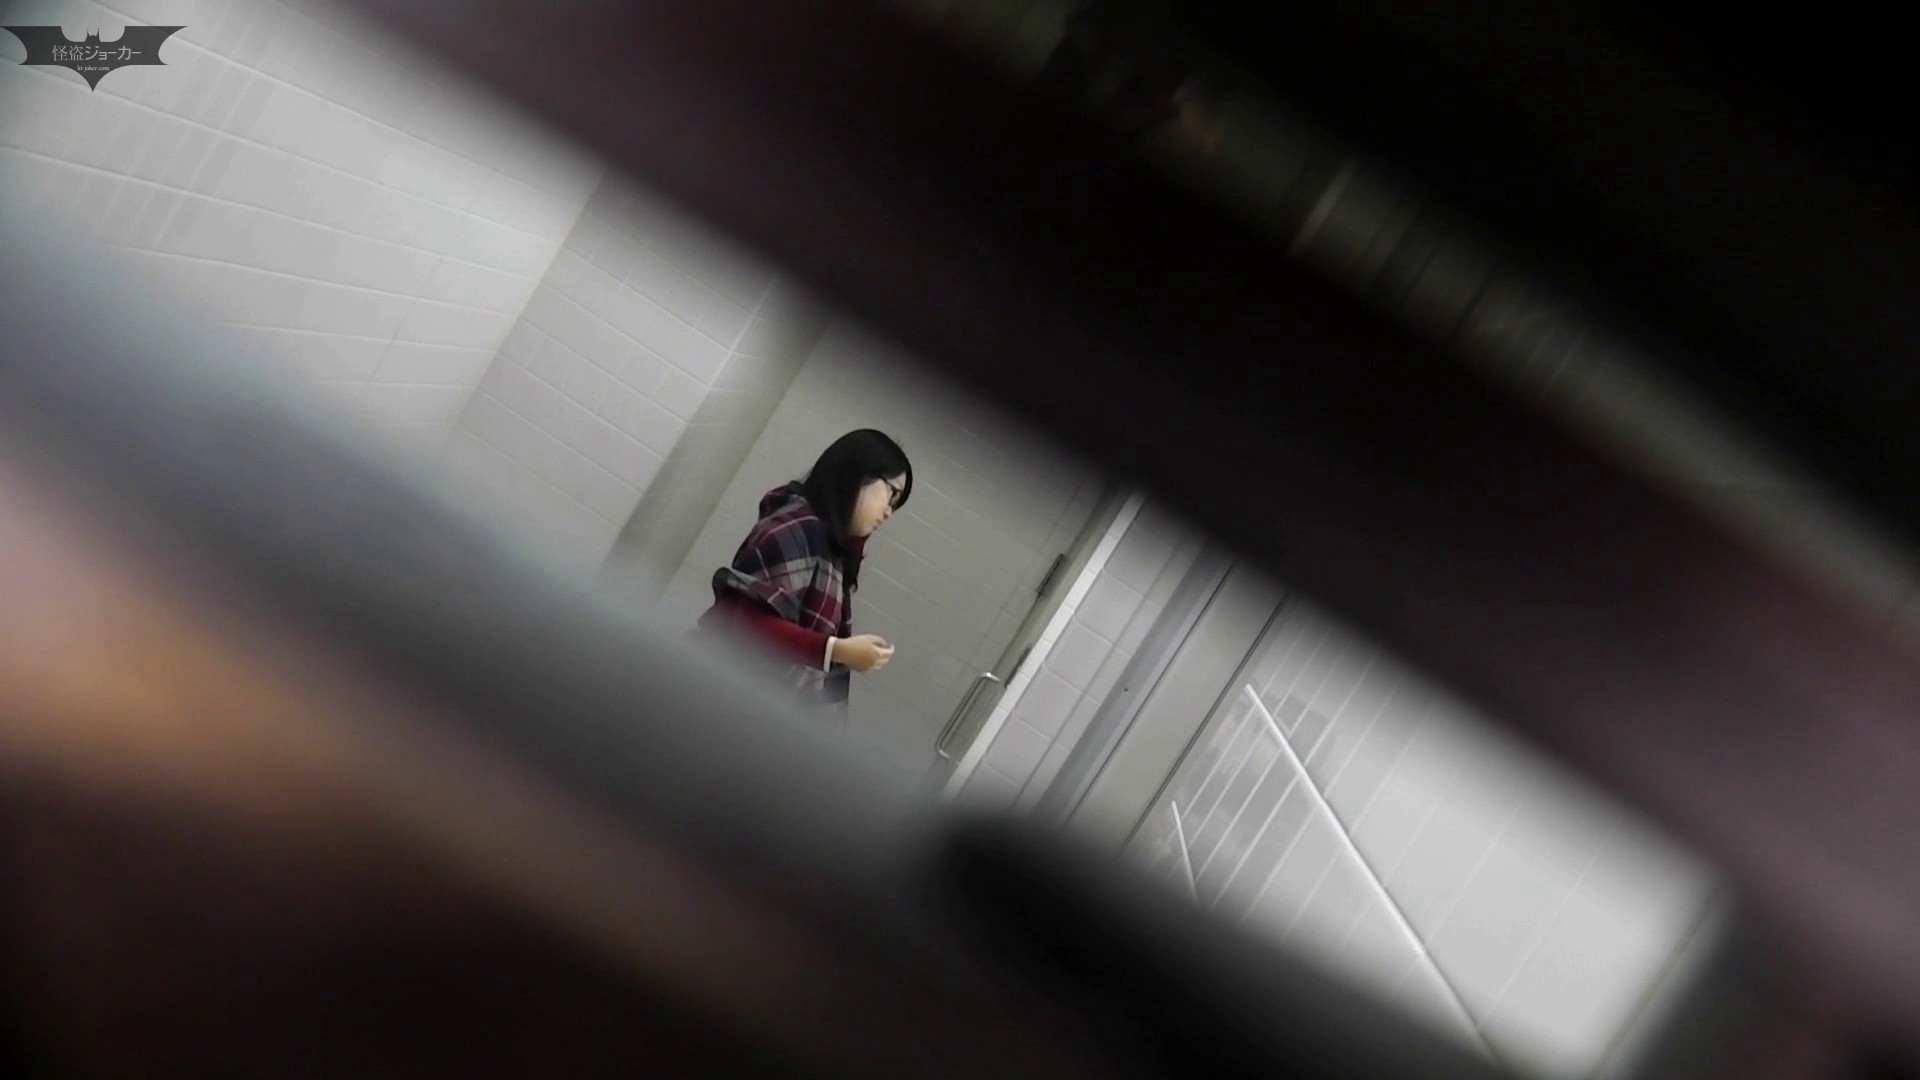 お銀さん vol.59 ピンチ!!「鏡の前で祈る女性」にばれる危機 洗面所着替え | OL  48連発 30